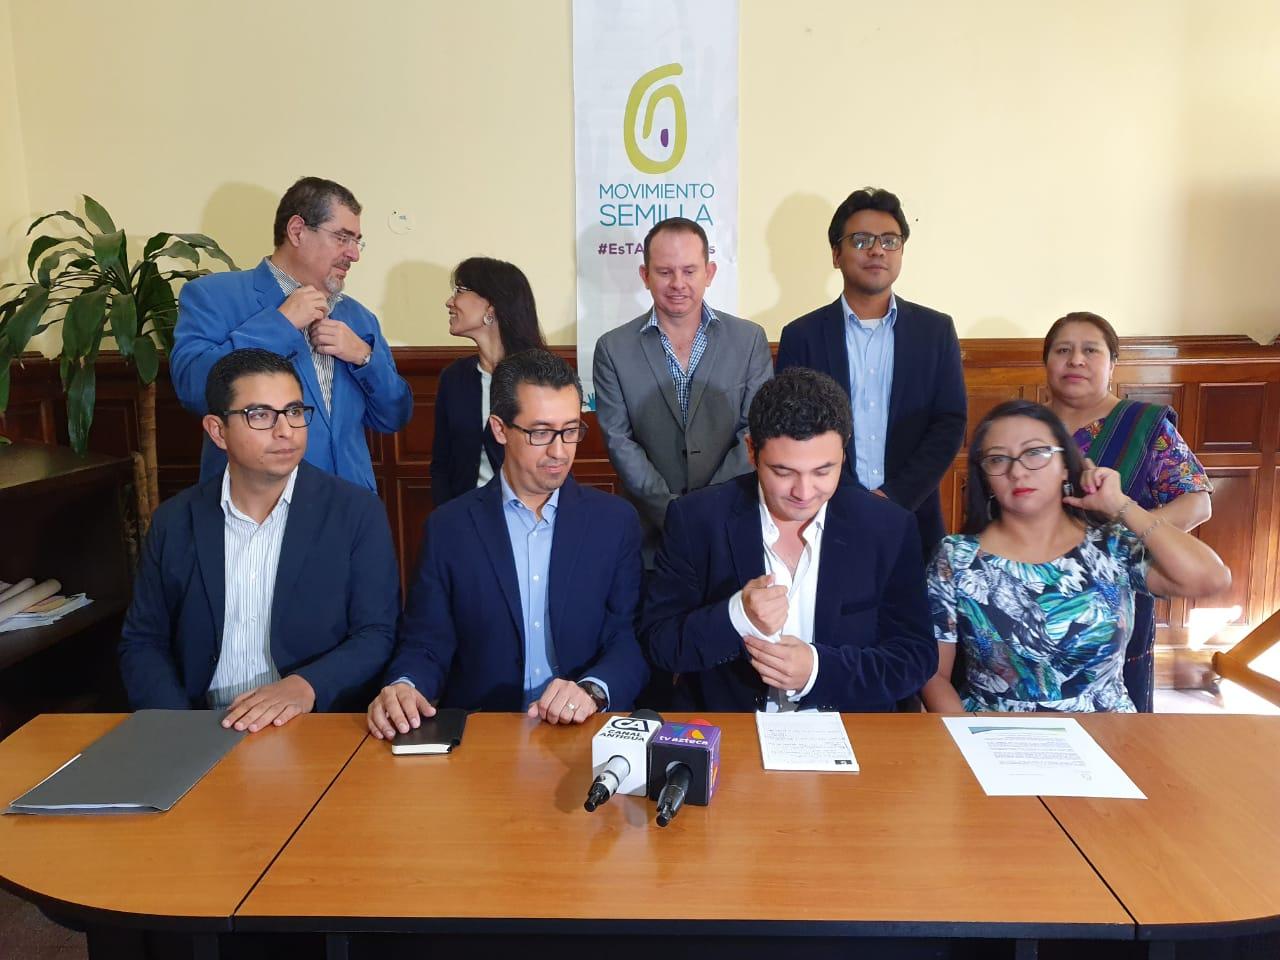 El partido explicó que buscarán trabajar en la lucha contra la corrupción. (Foto Prensa Libre: La red)